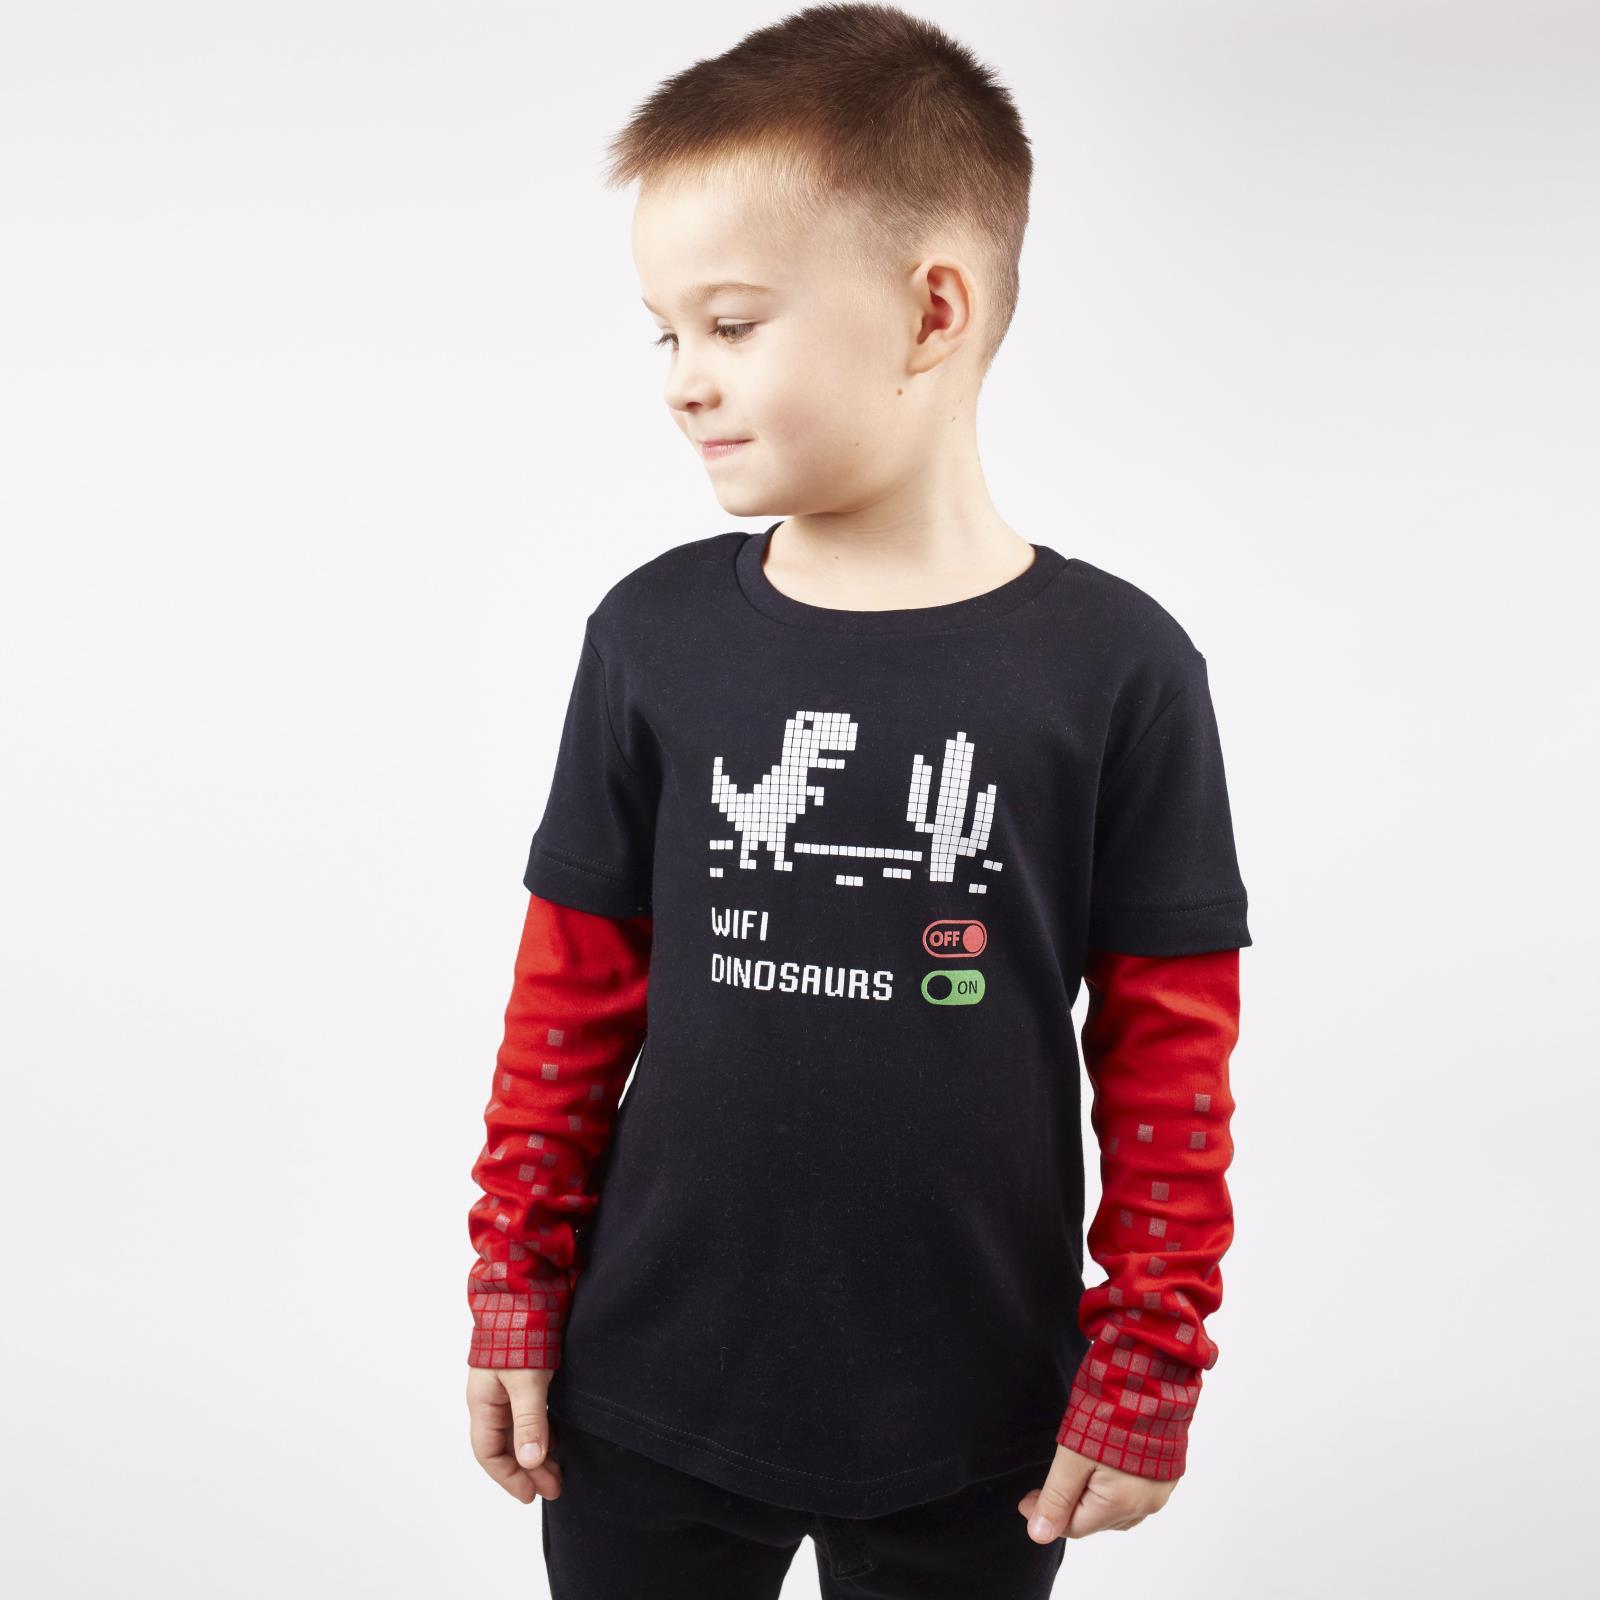 Реглан детские O! Kids Clothing модель OKC~96327-2 купить, 2017